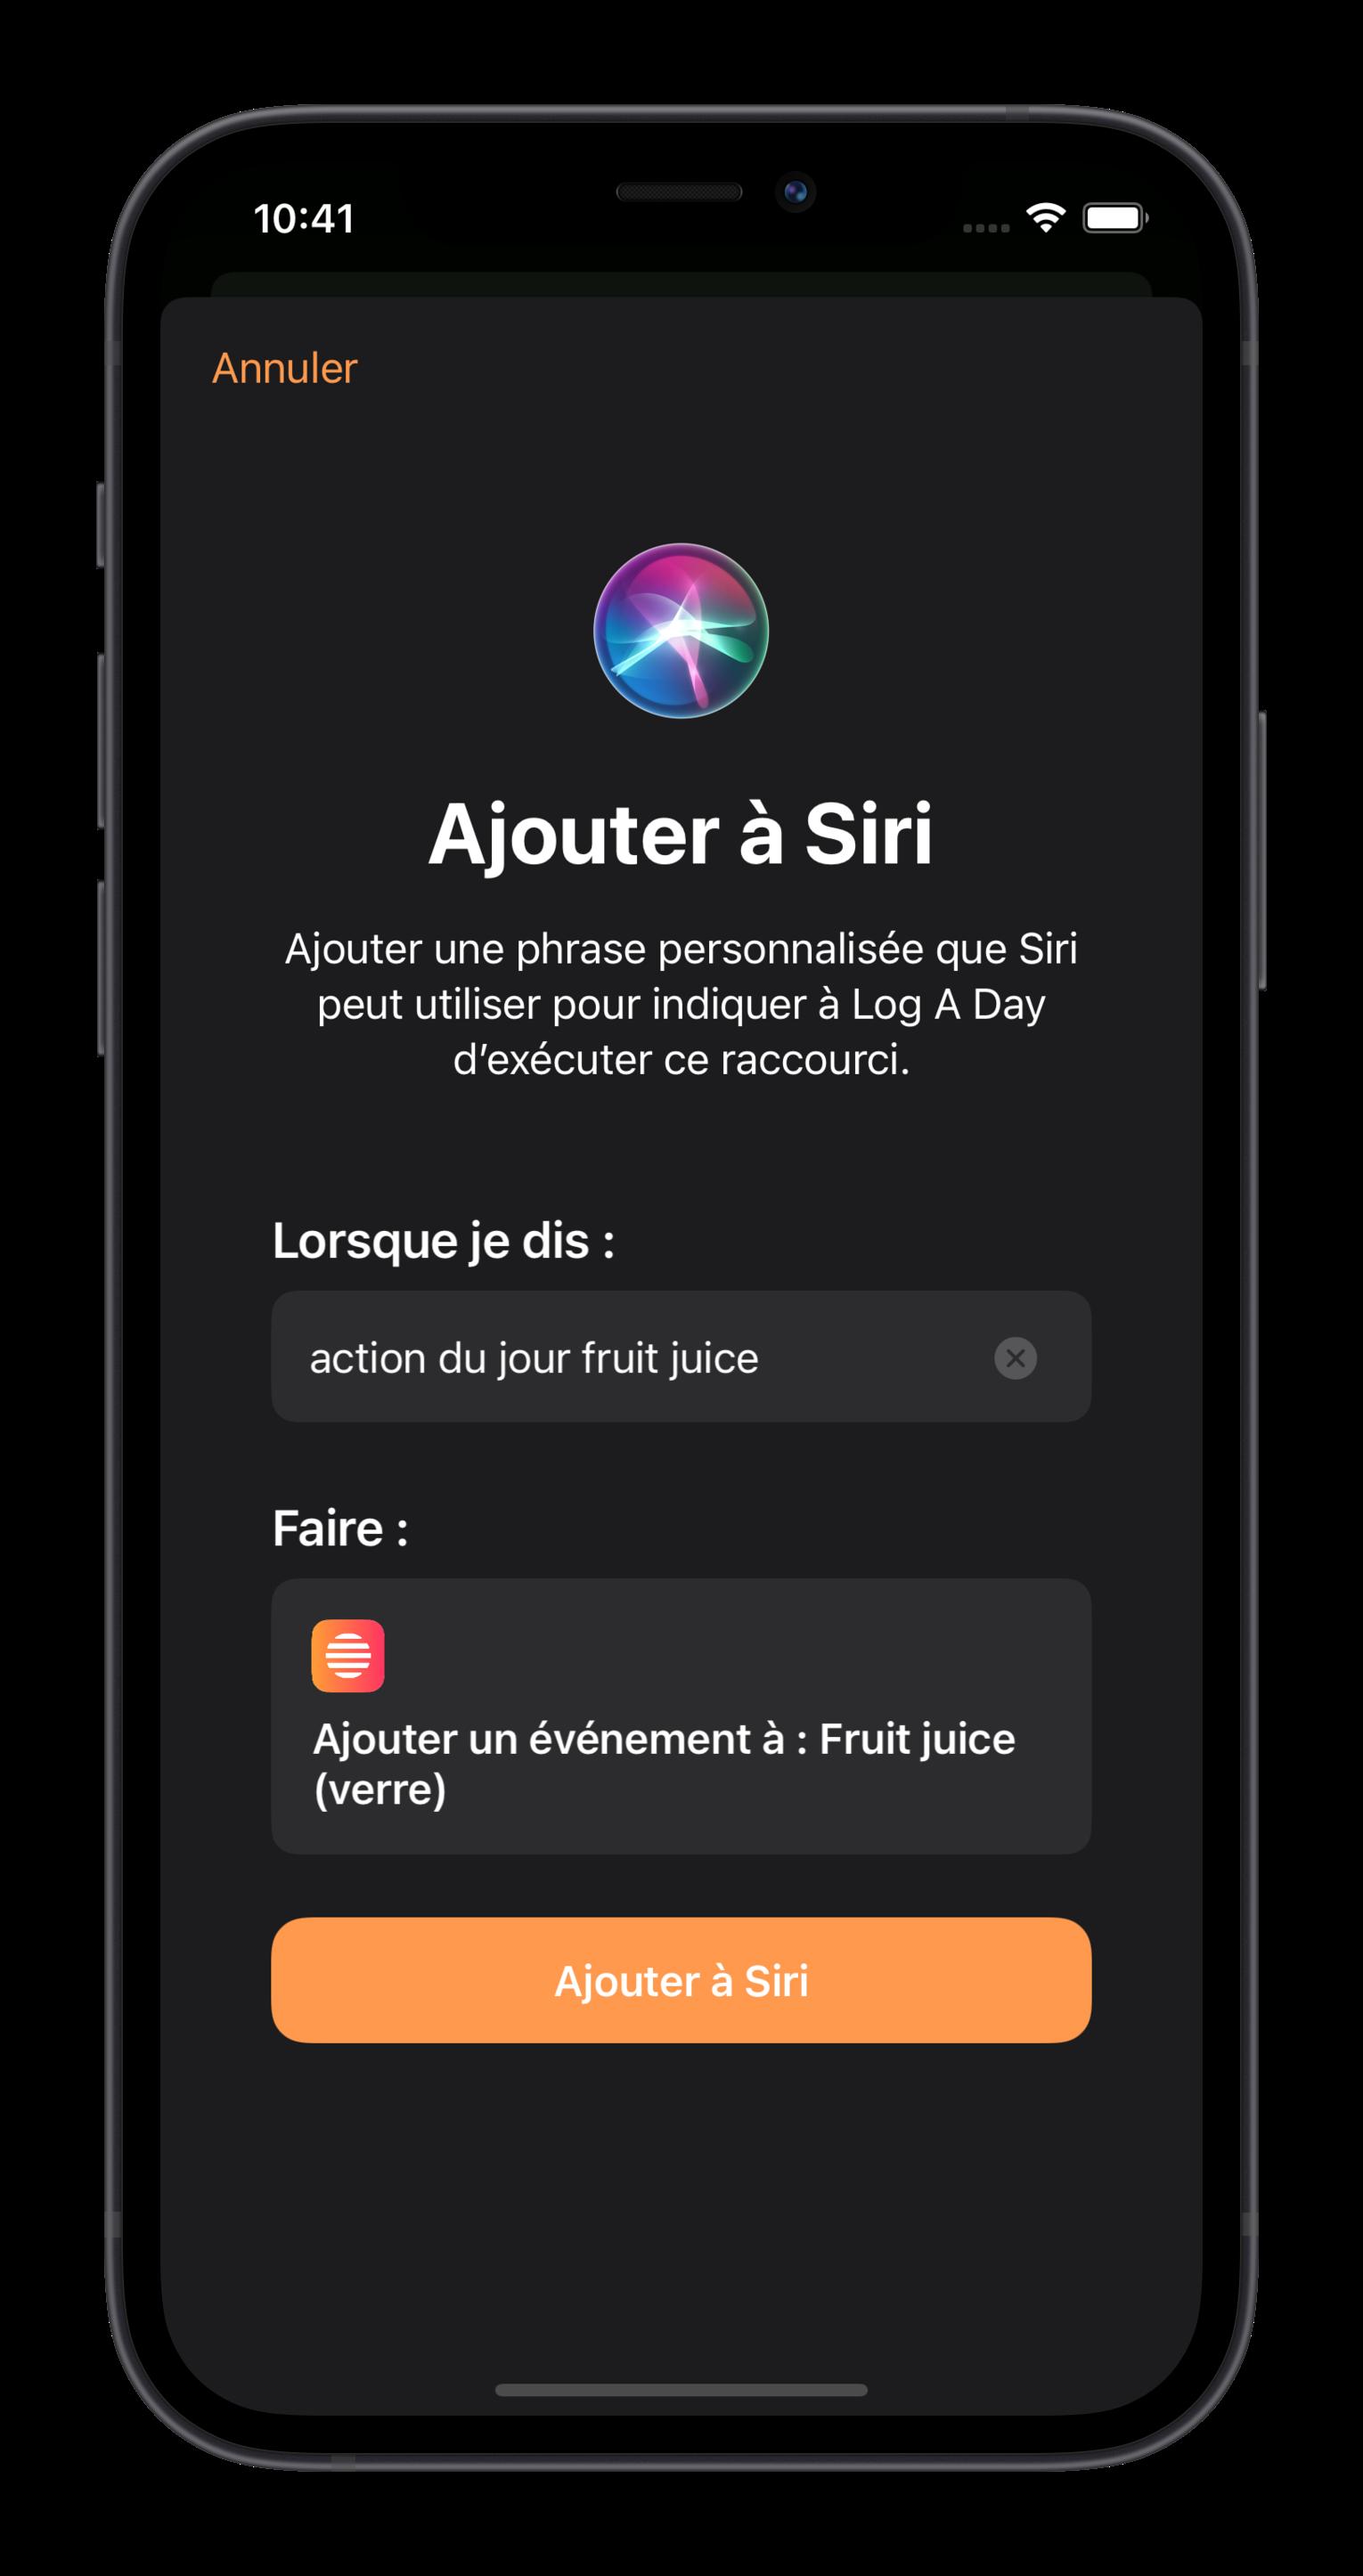 Actions Du Jour ajouter à Siri